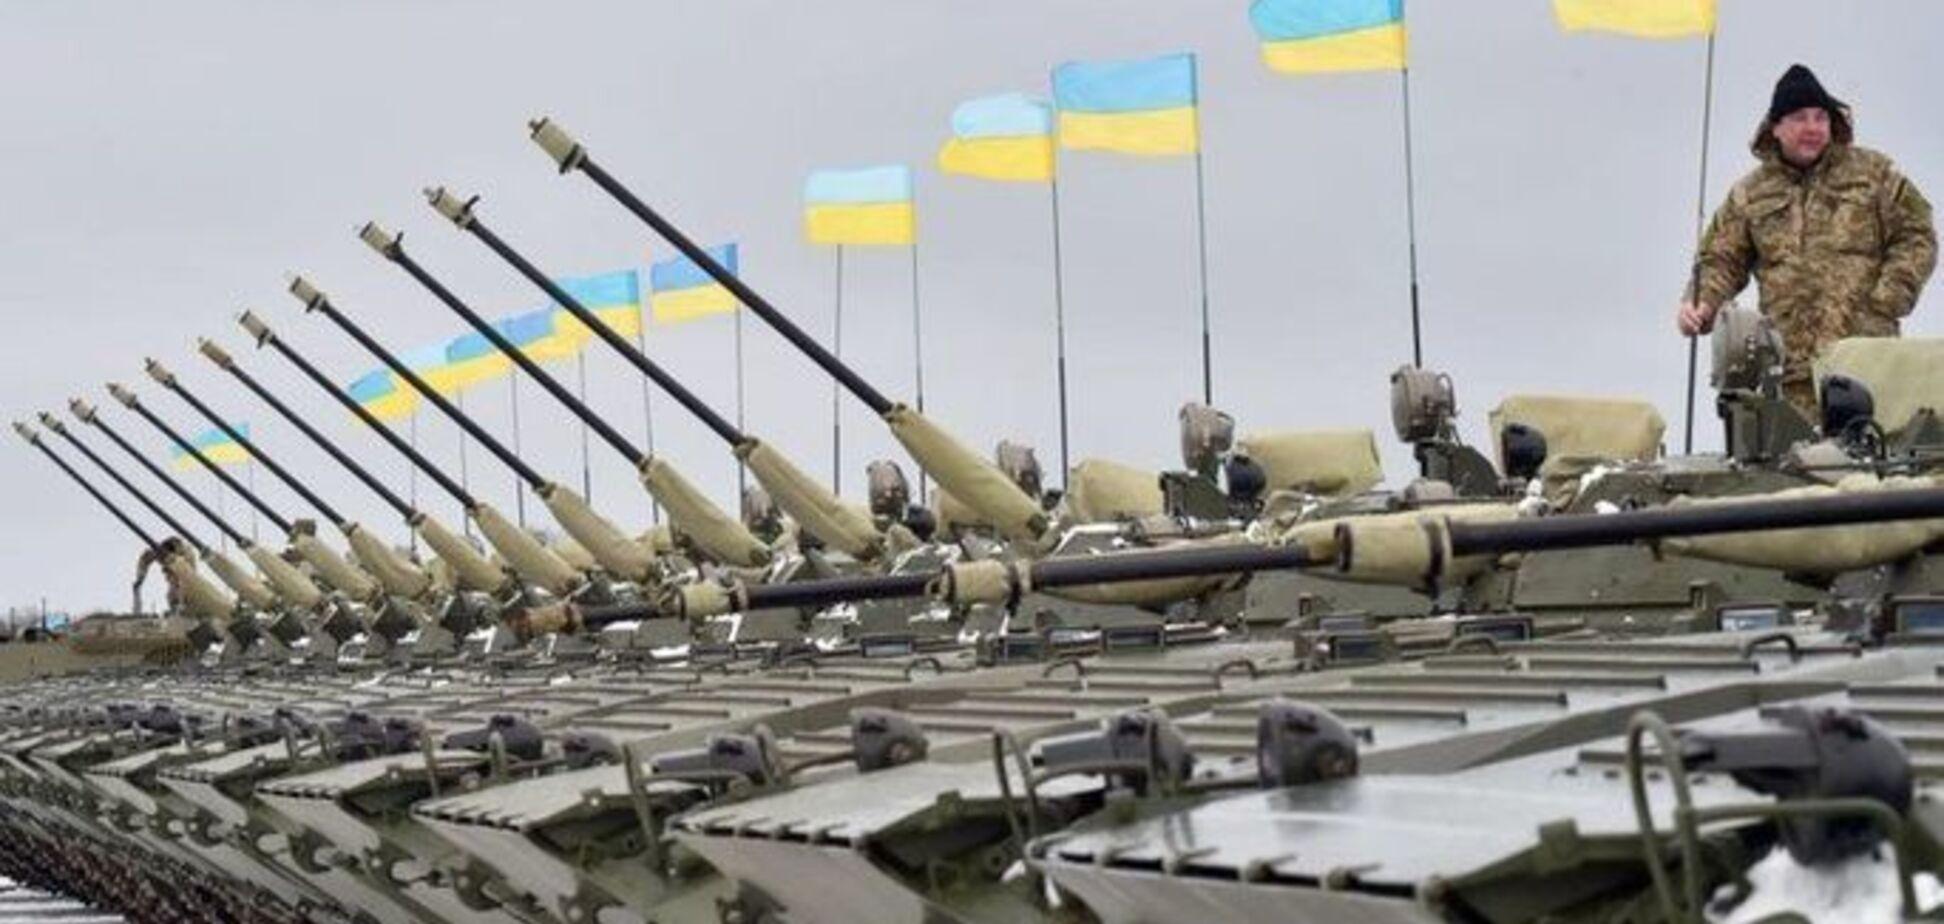 Военное положение: Жданов сделал официальное заявление о спорте в Украине